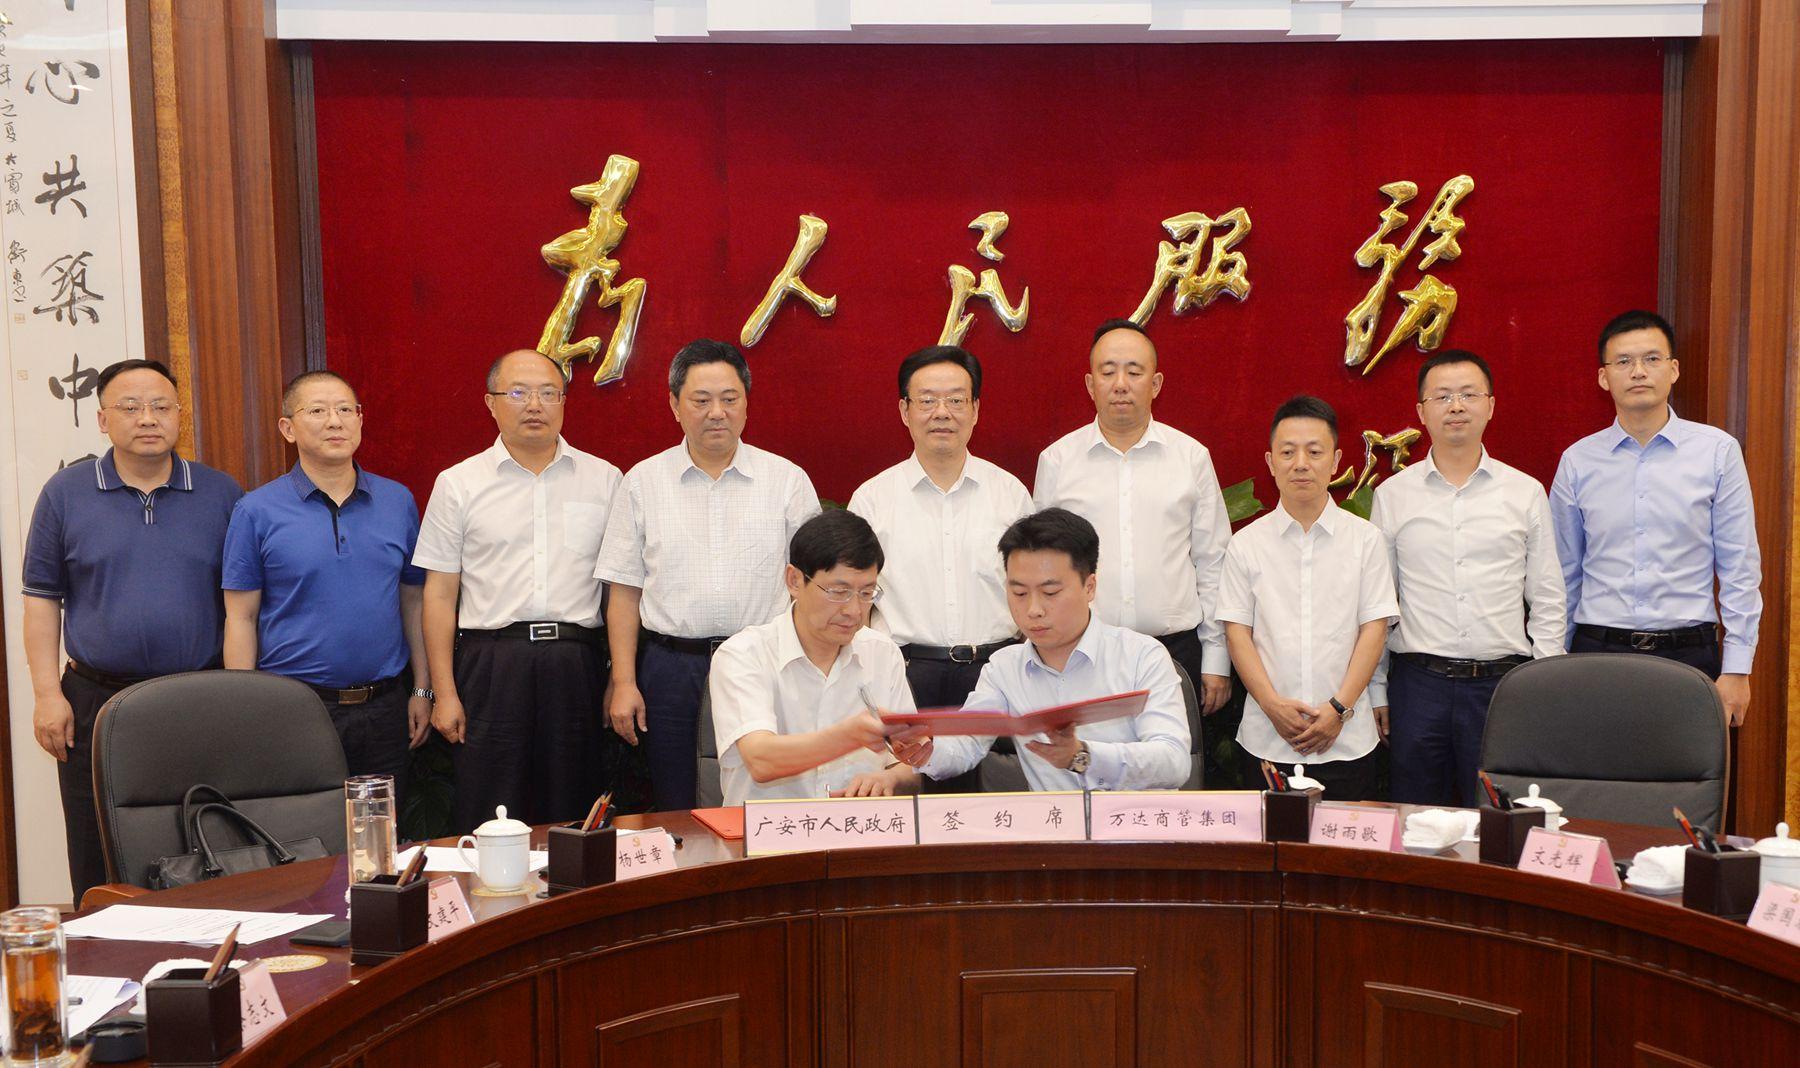 广安万达广场签约落户东南片区 系四川省第23座万达广场